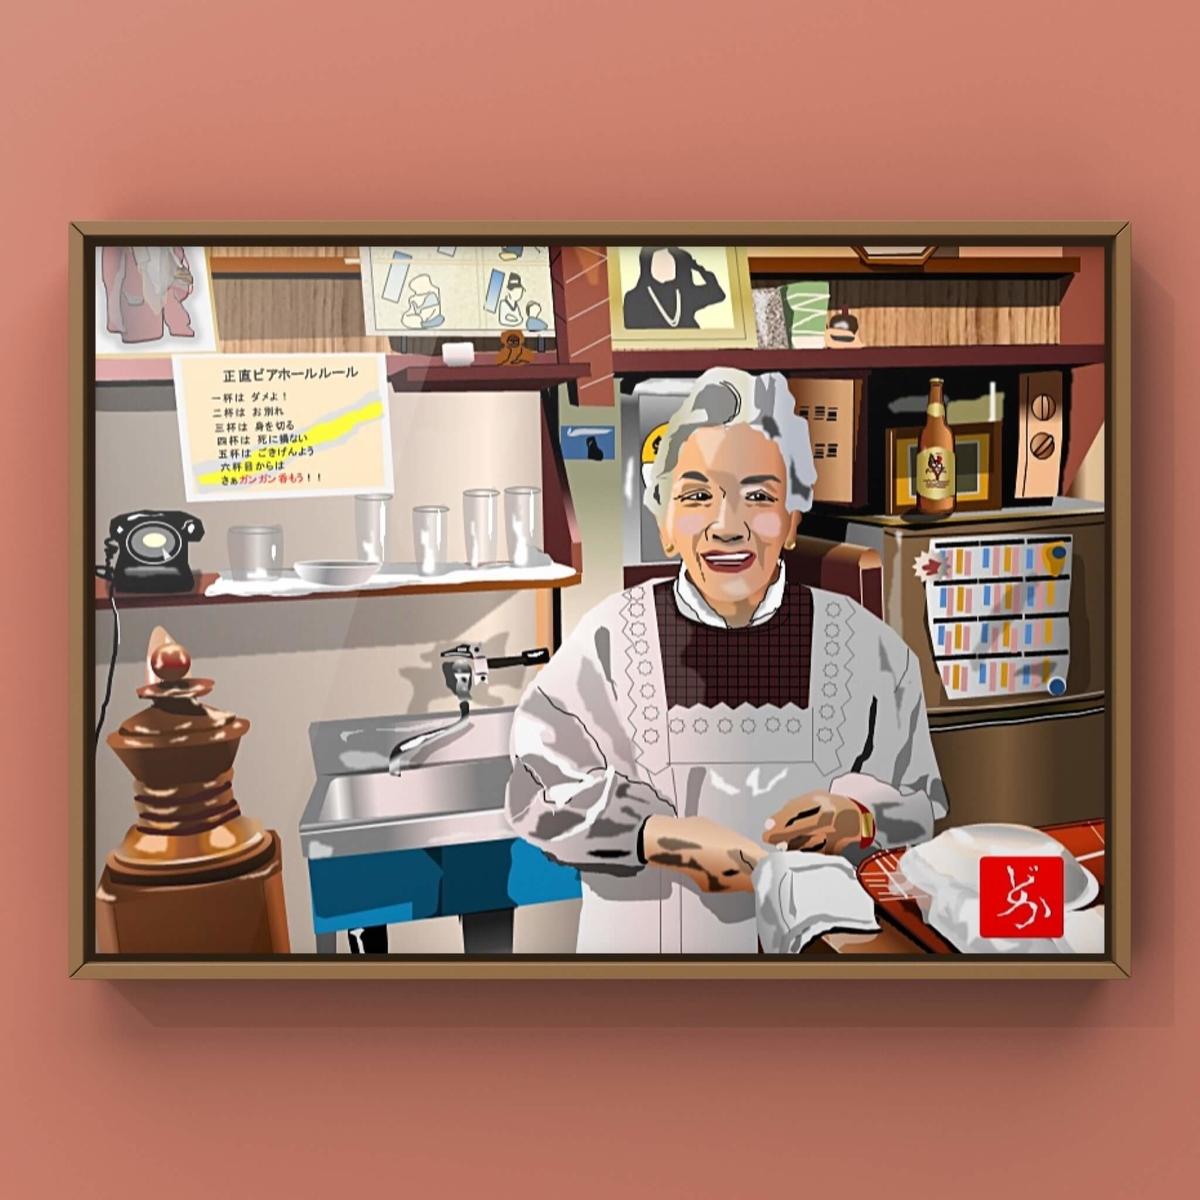 浅草の老舗「正直ビヤホール」のママのエクセル画イラスト額装版